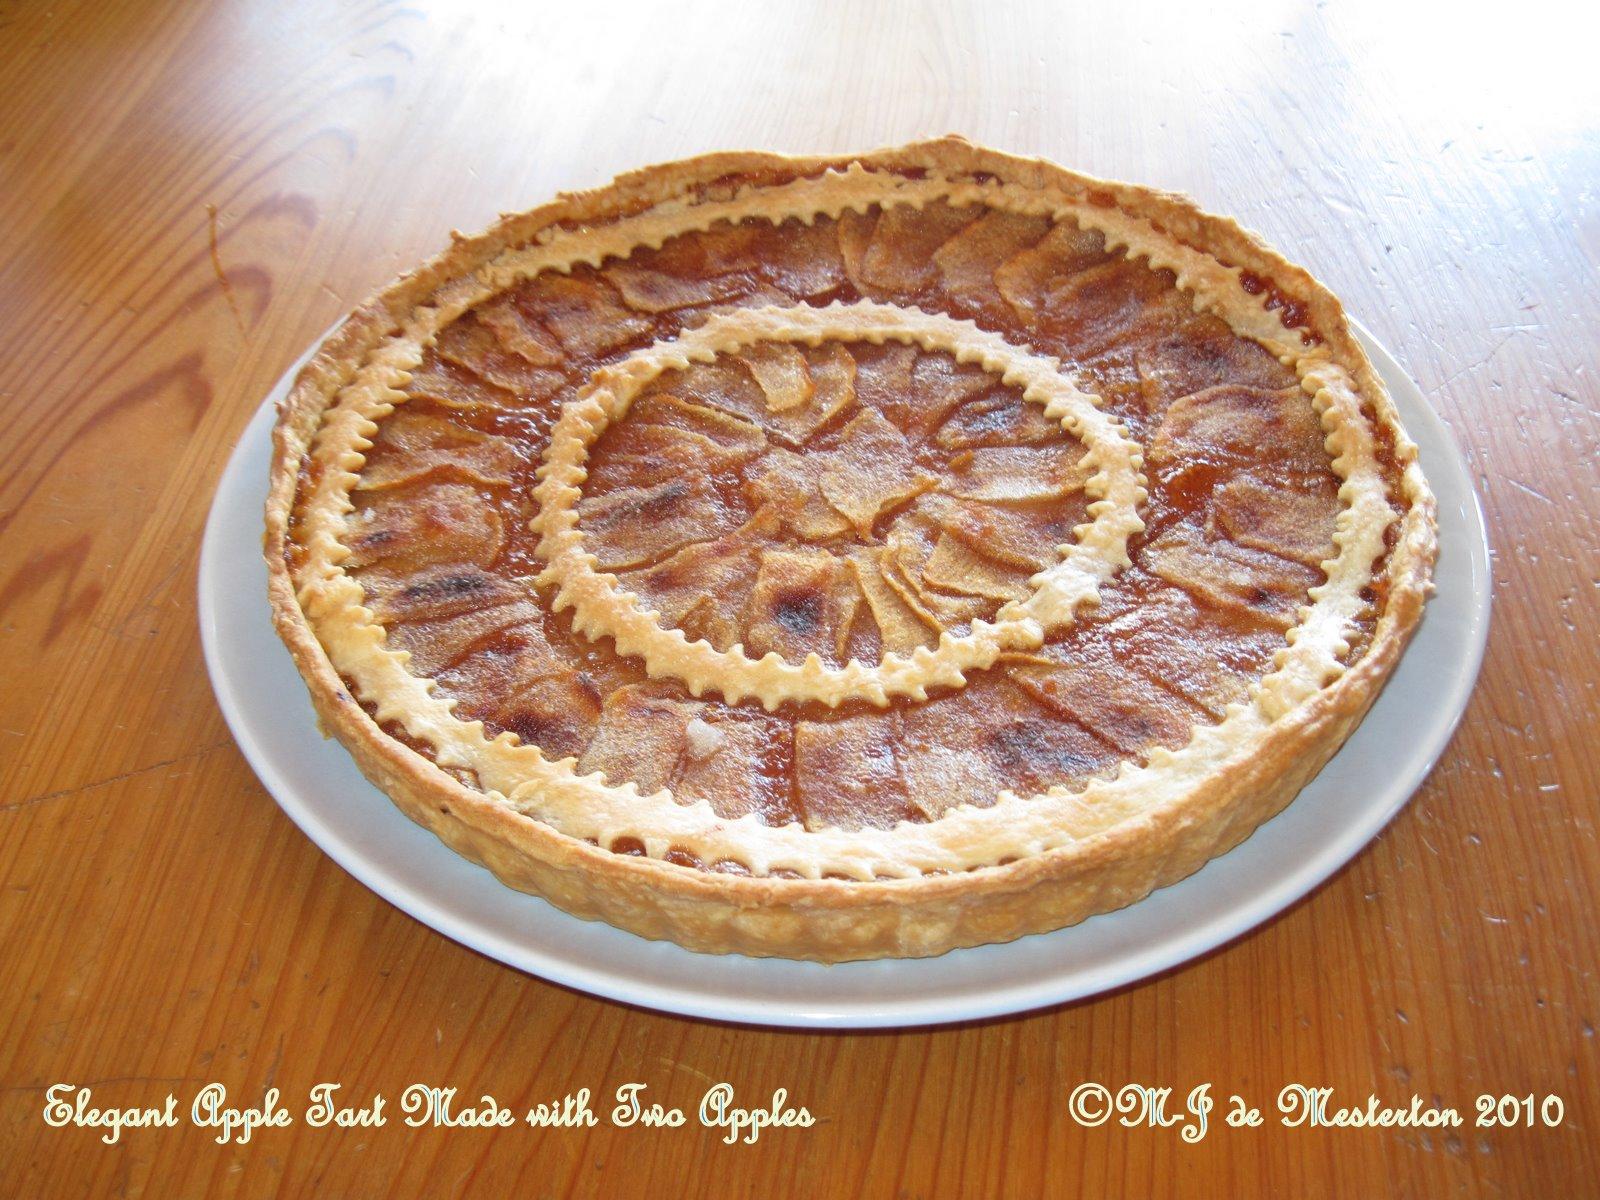 Elegant apple pie recipe